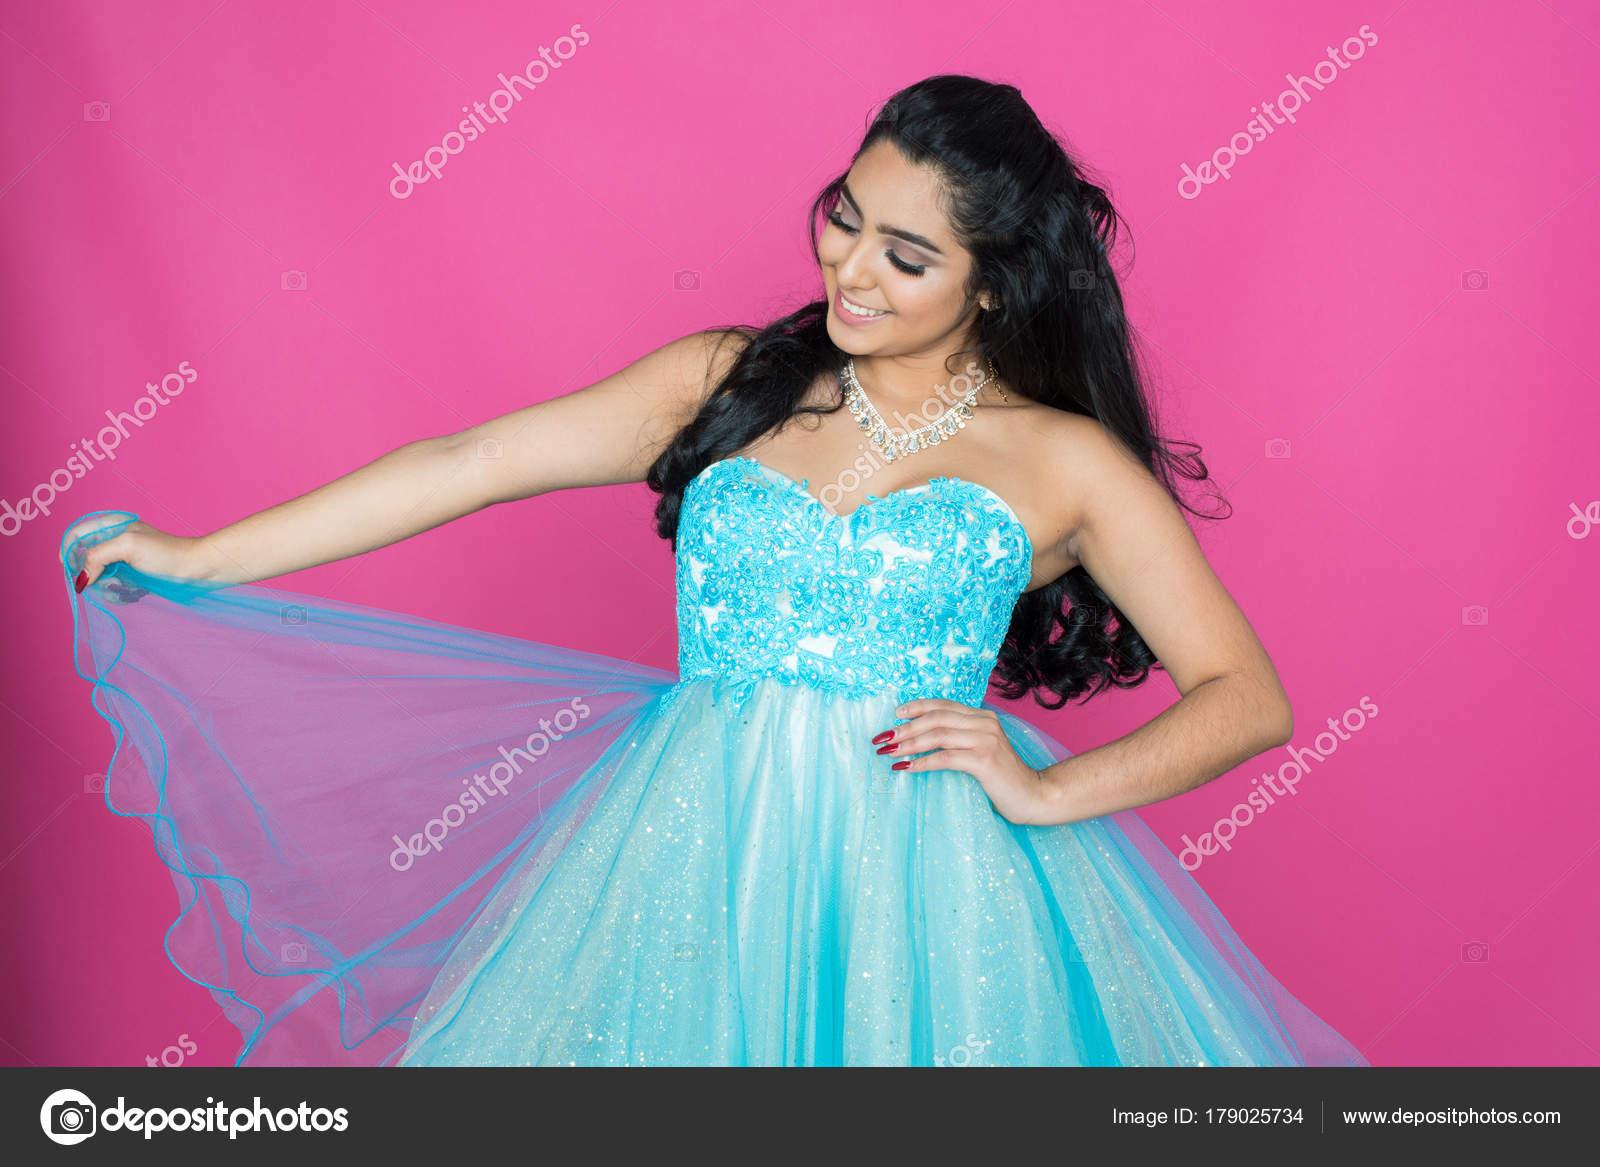 Teen en vestido de baile — Foto de stock © rmarmion #179025734